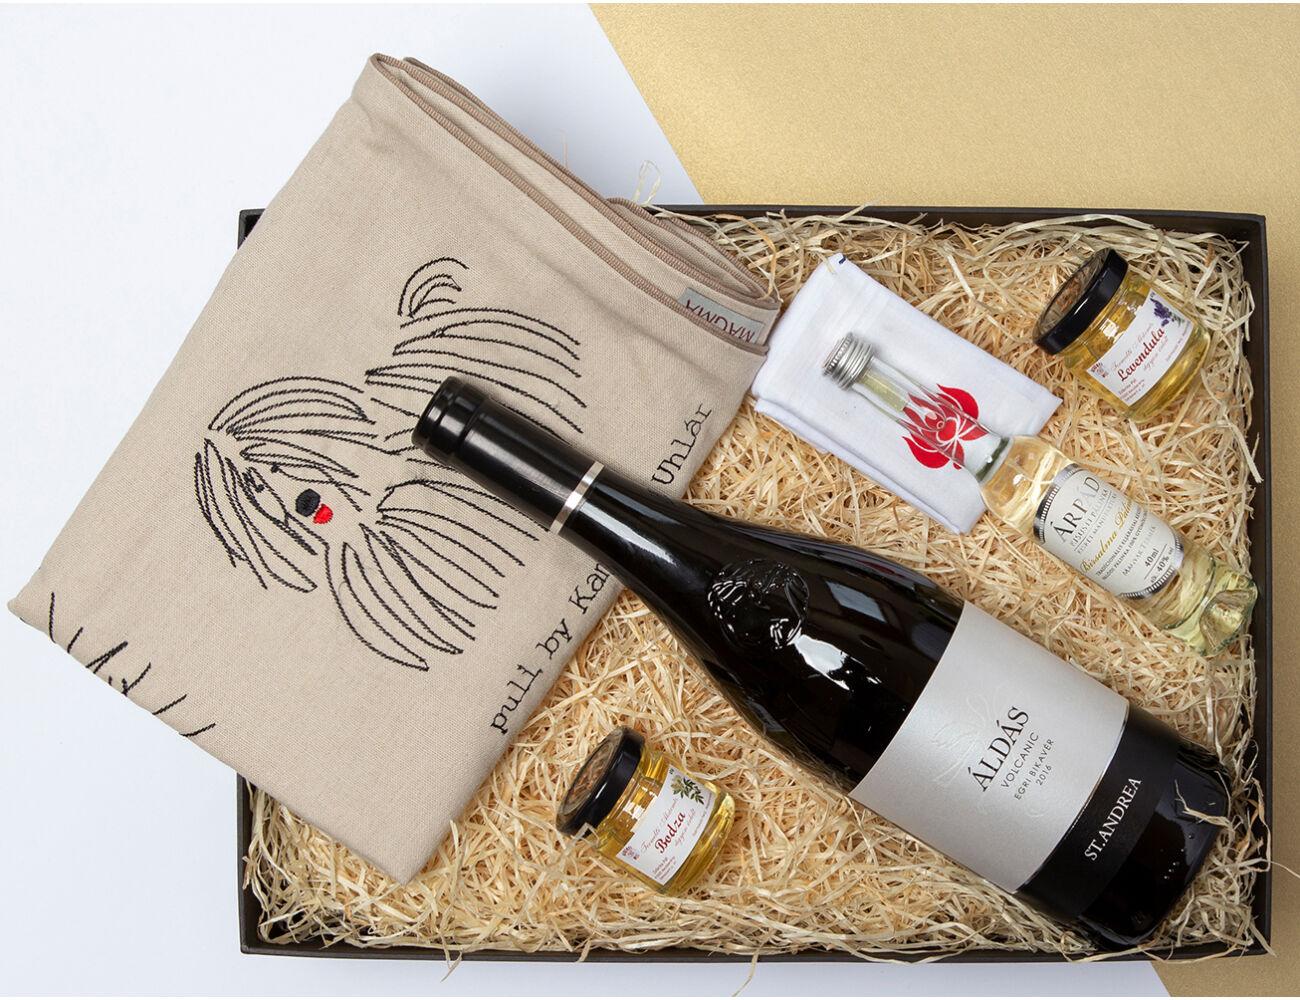 Hungarikumok Egri Bikavérrel ajándékcsomag - hímzett párna, bor, pálinka, mézek, matyós díszzsebkendő.